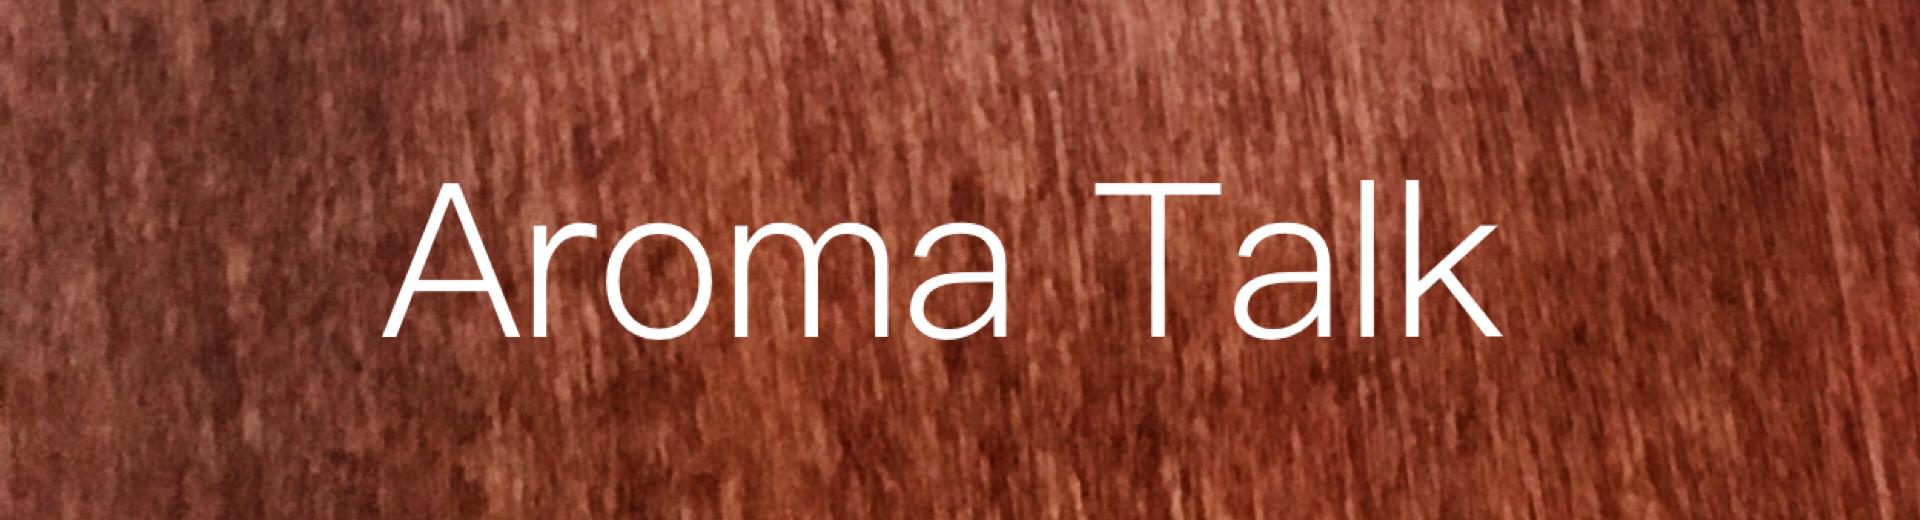 Aroma Talk